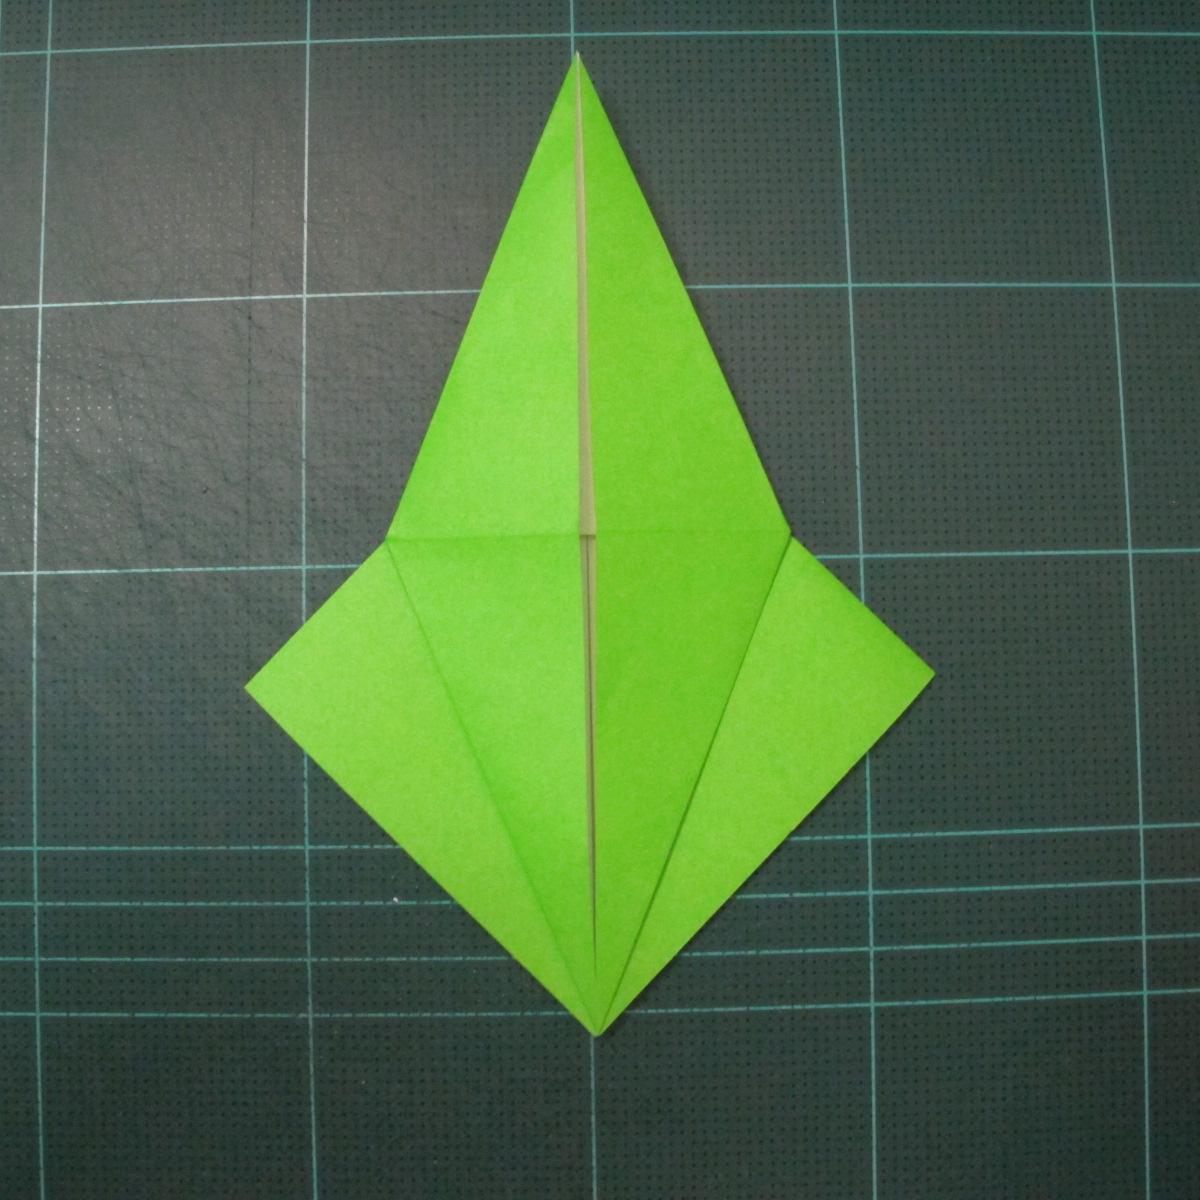 วิธีพับกระดาษเป็นรูปหอยทาก (origami Snail) 004